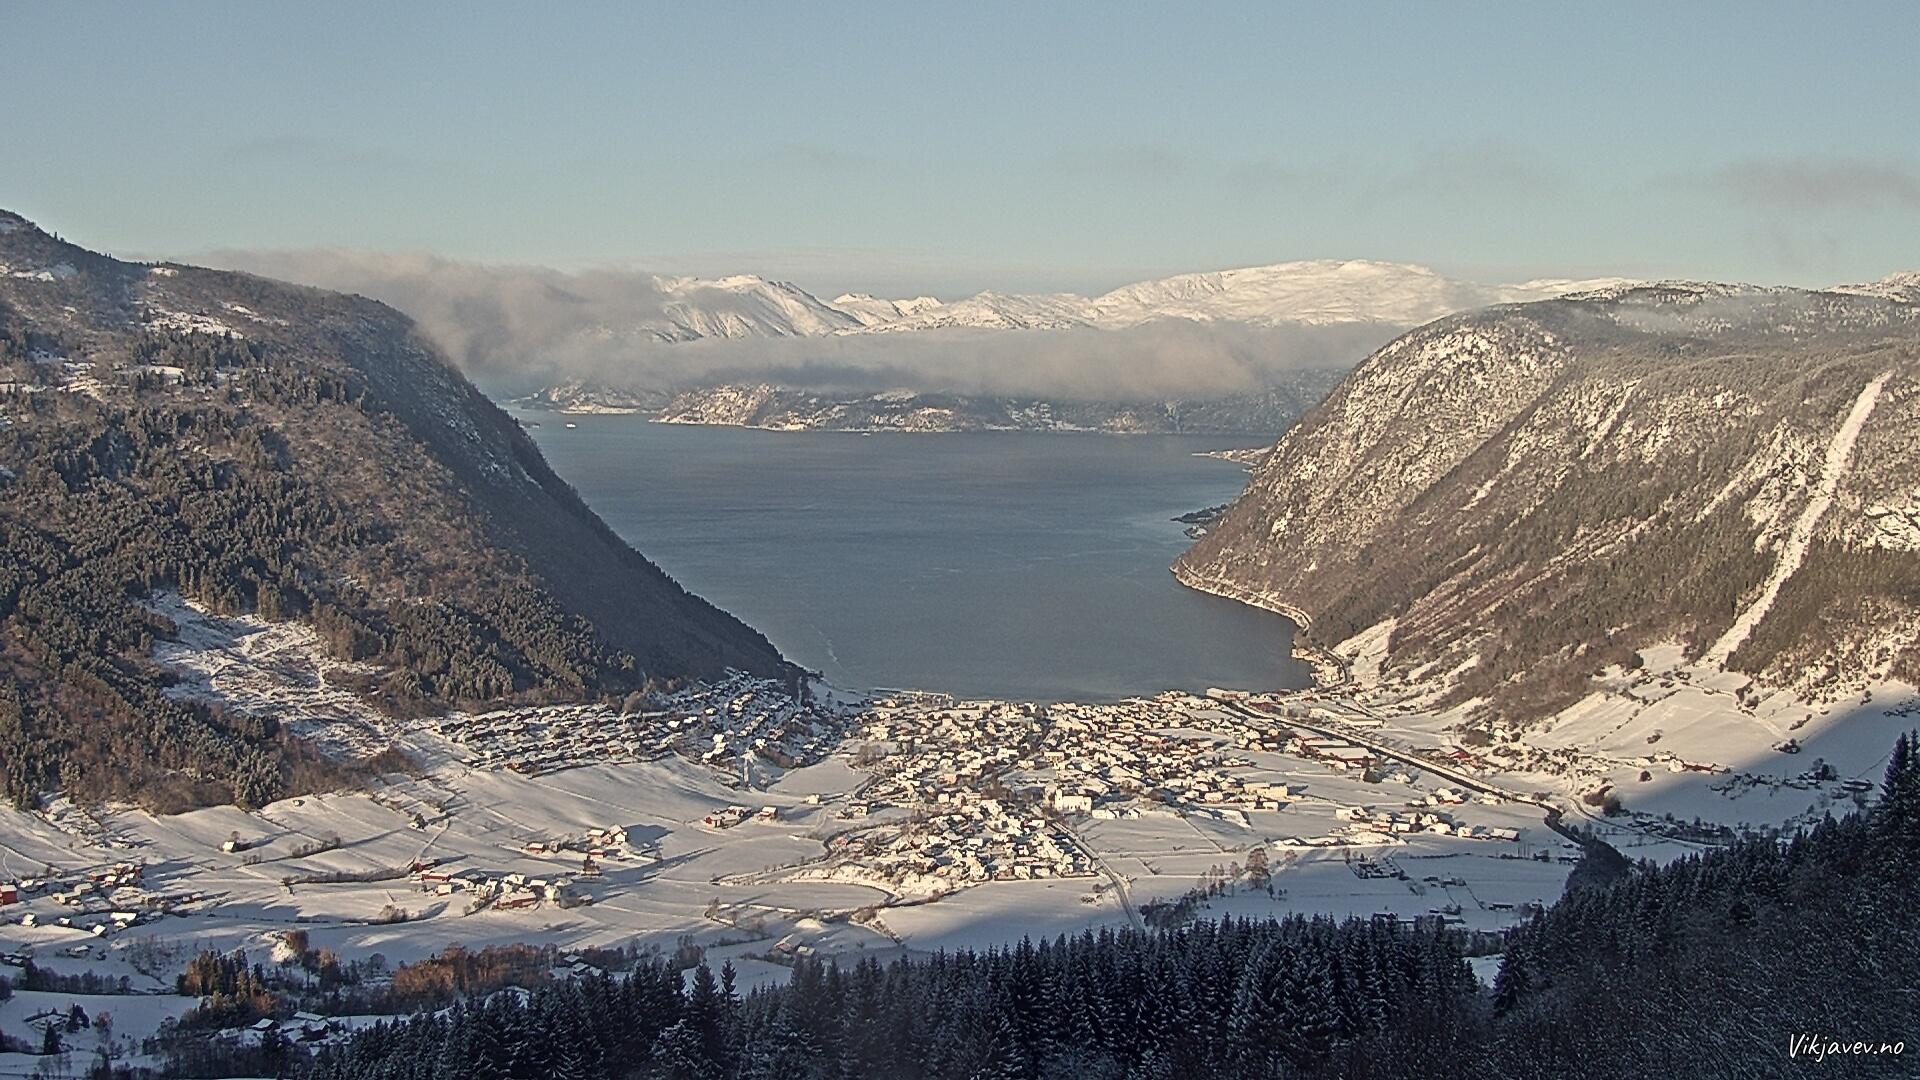 Vik i Sogn February 5, 2019 15:01